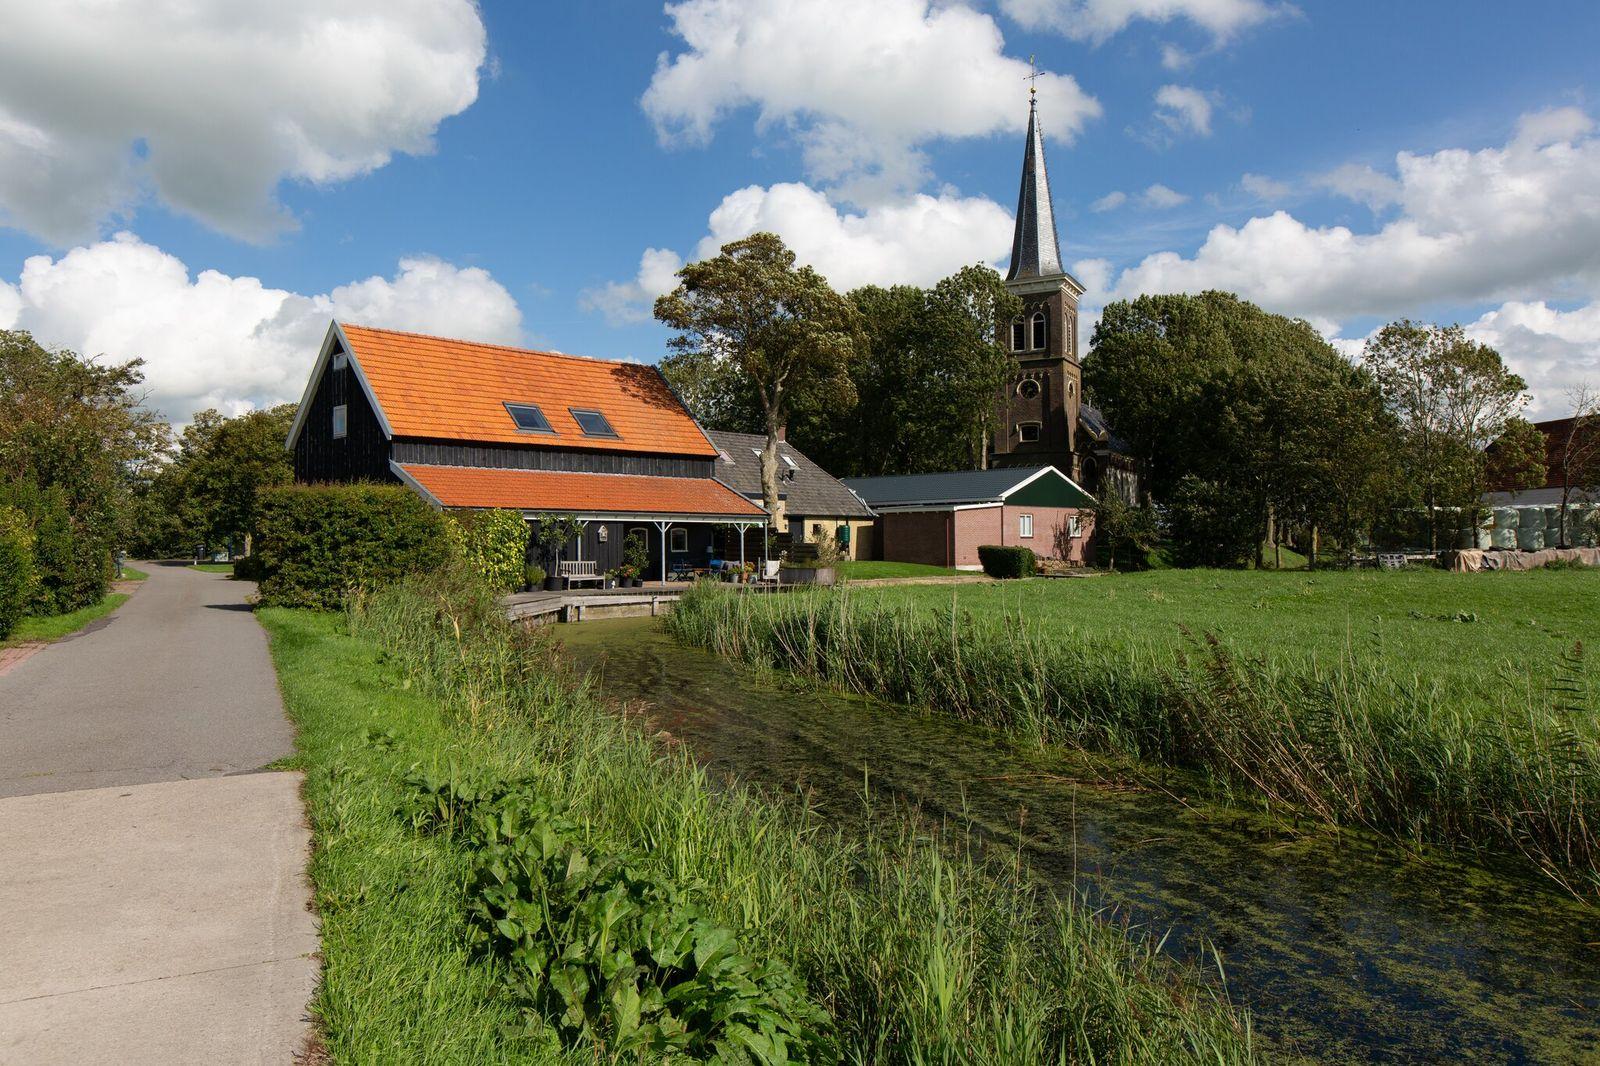 Buorren 13, Waaksens